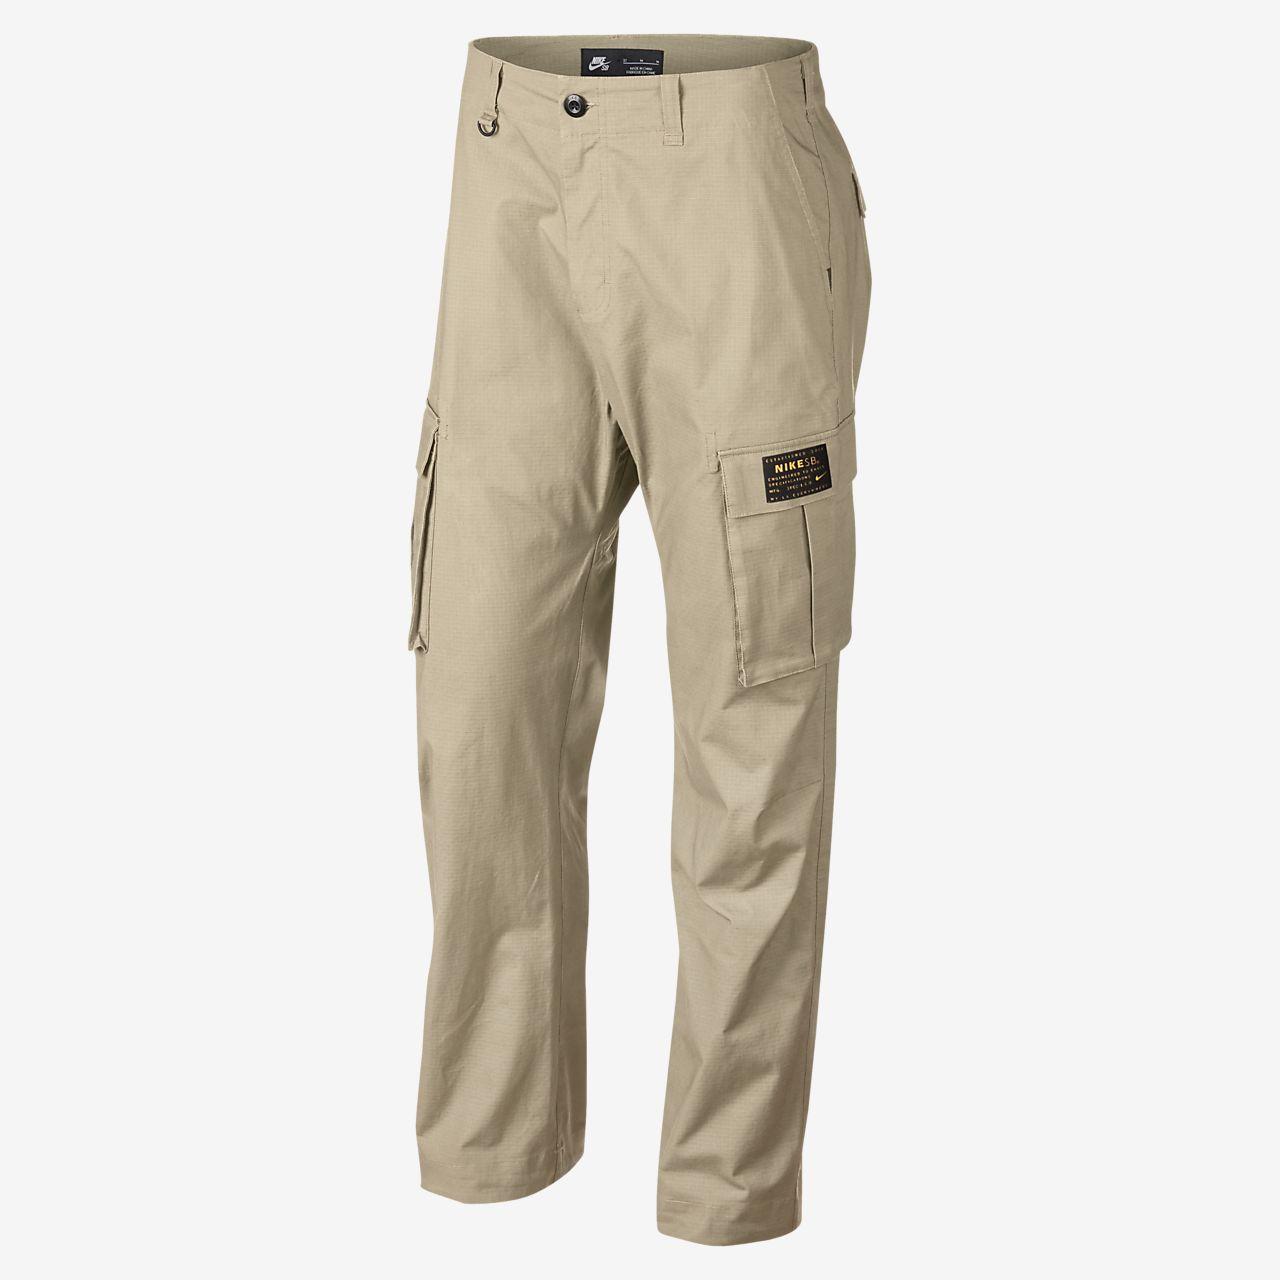 073e7f8edf Pantalones cargo de skateboard para hombre Nike SB Flex FTM. Nike.com MX